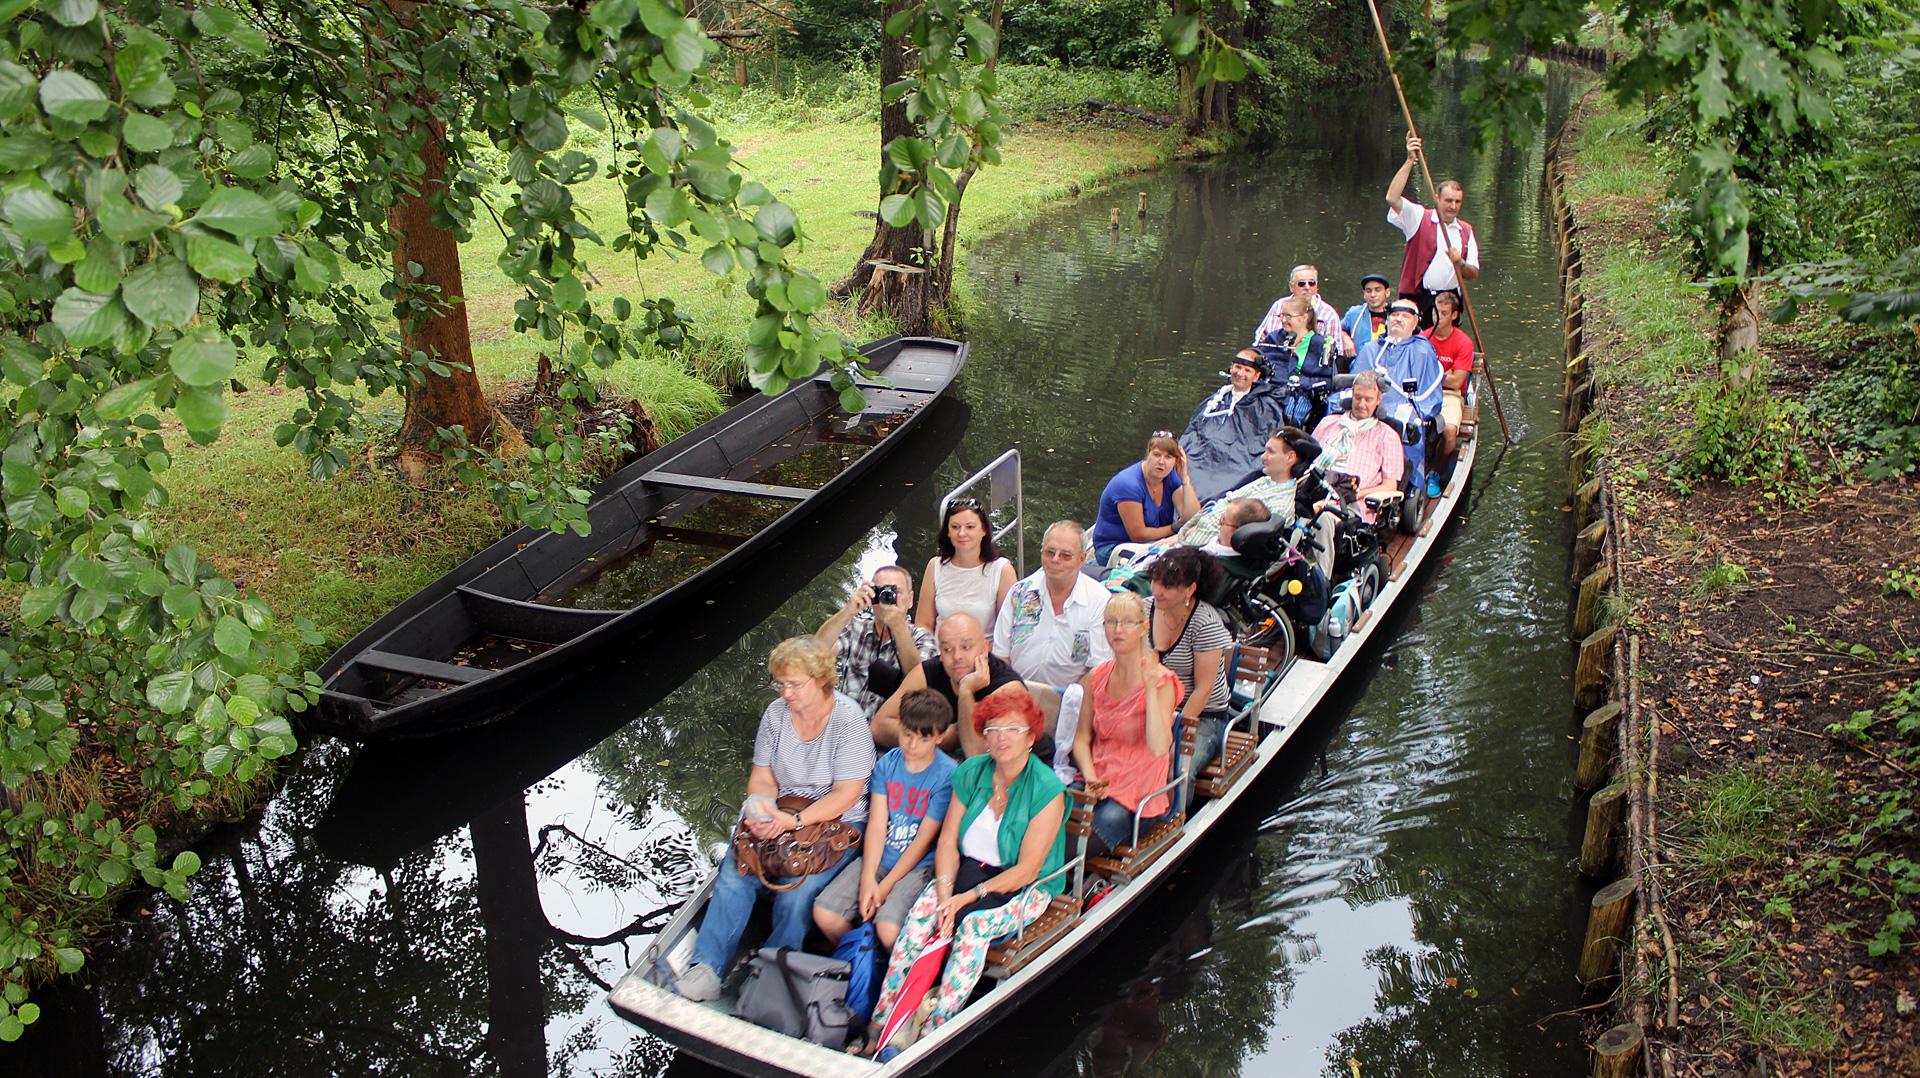 Ausflug und Erleben: Kahnfahrt des ALS-mobil e.V. im Spreewald